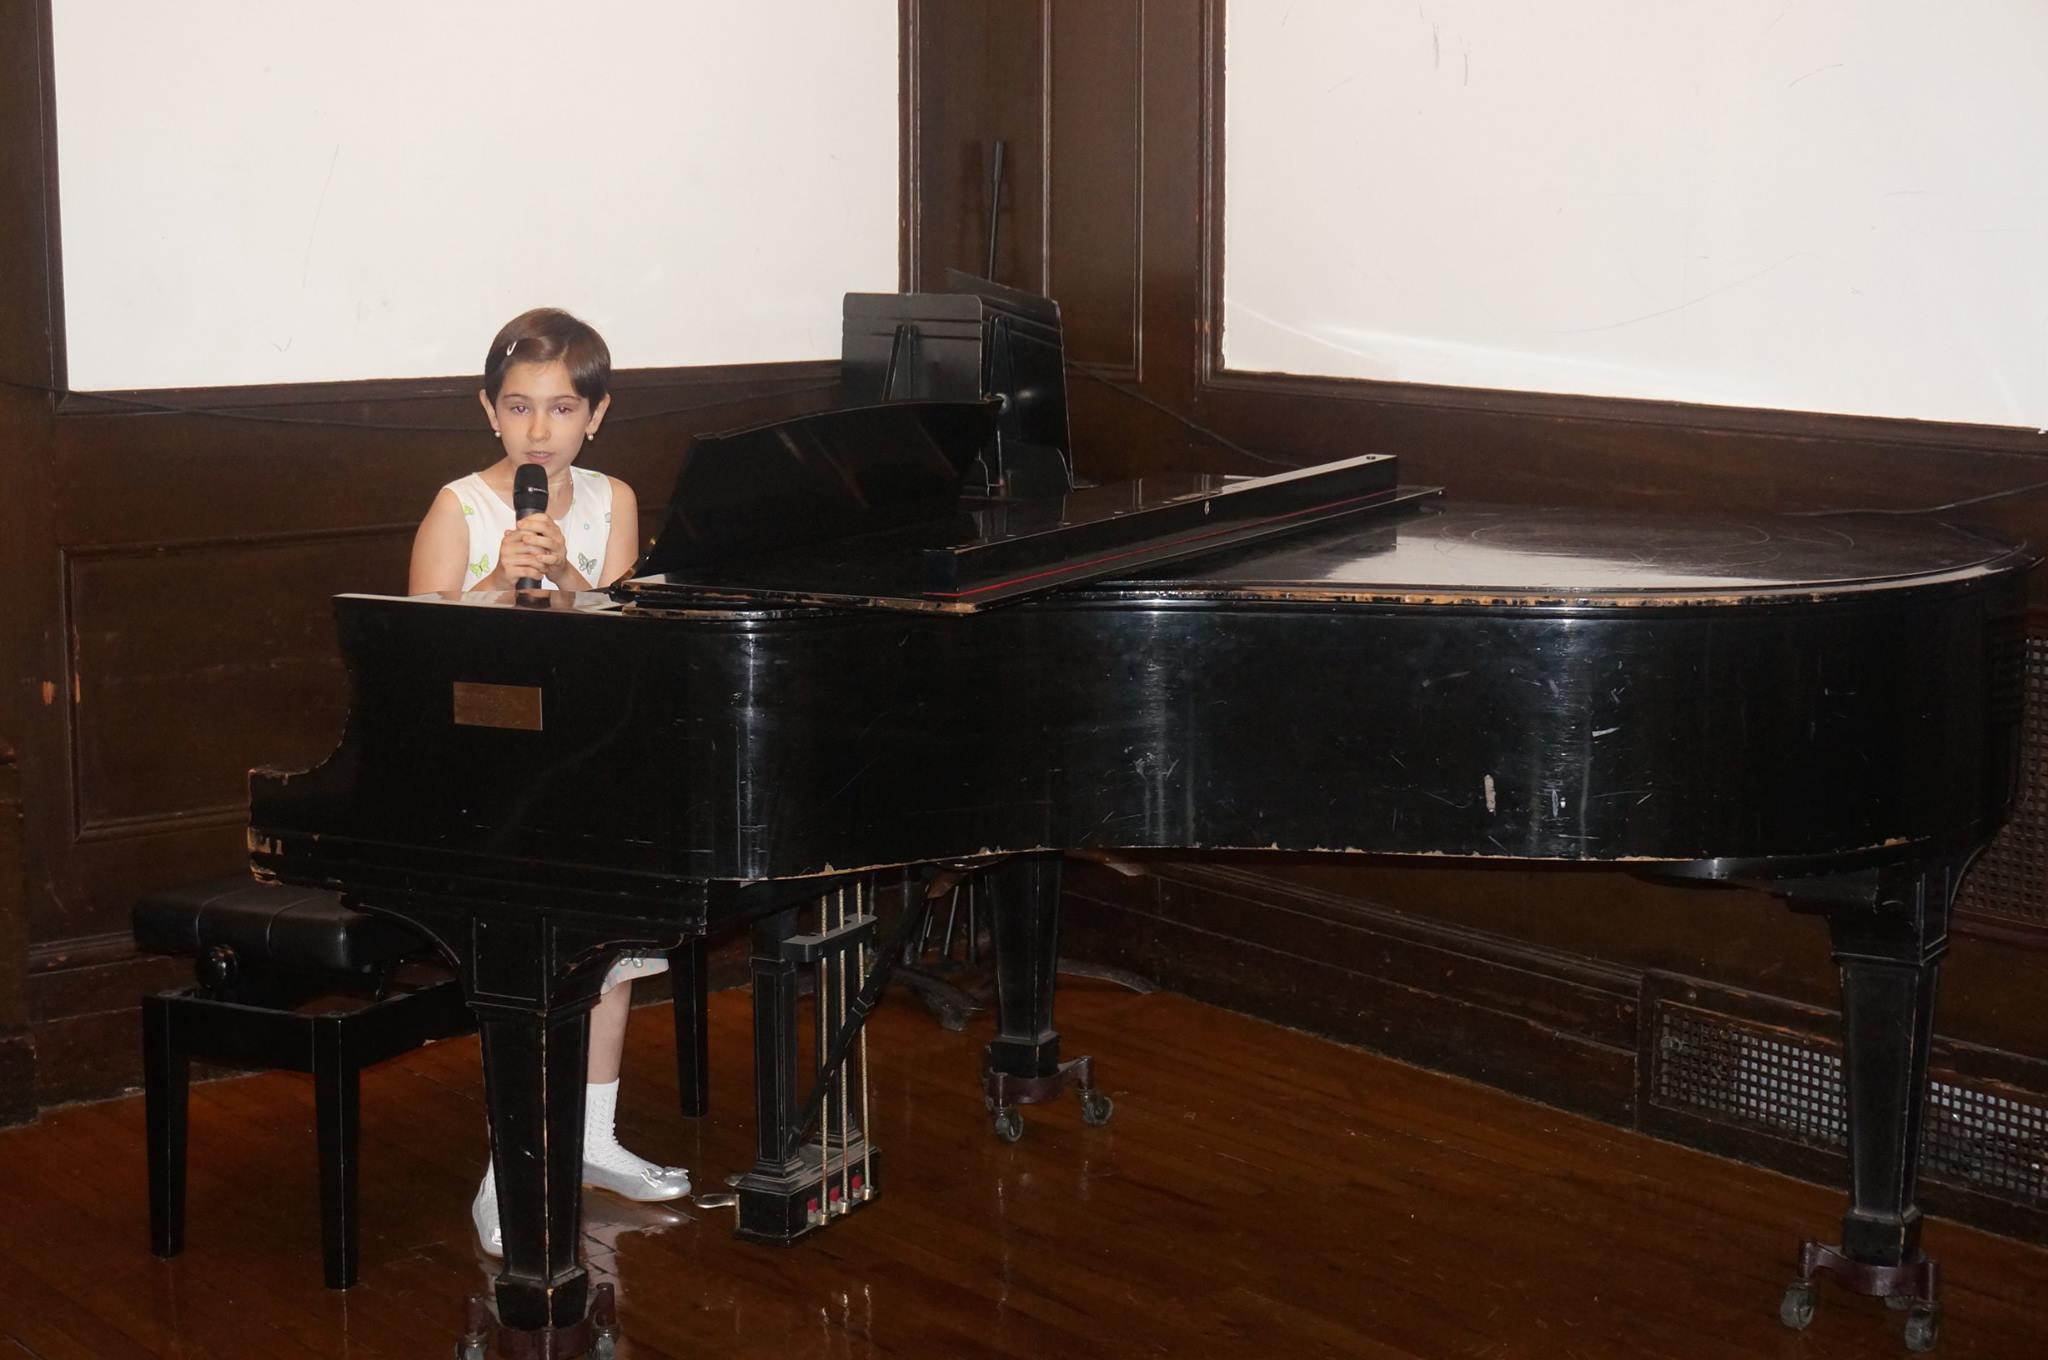 Carla Costache preforming a piano piece